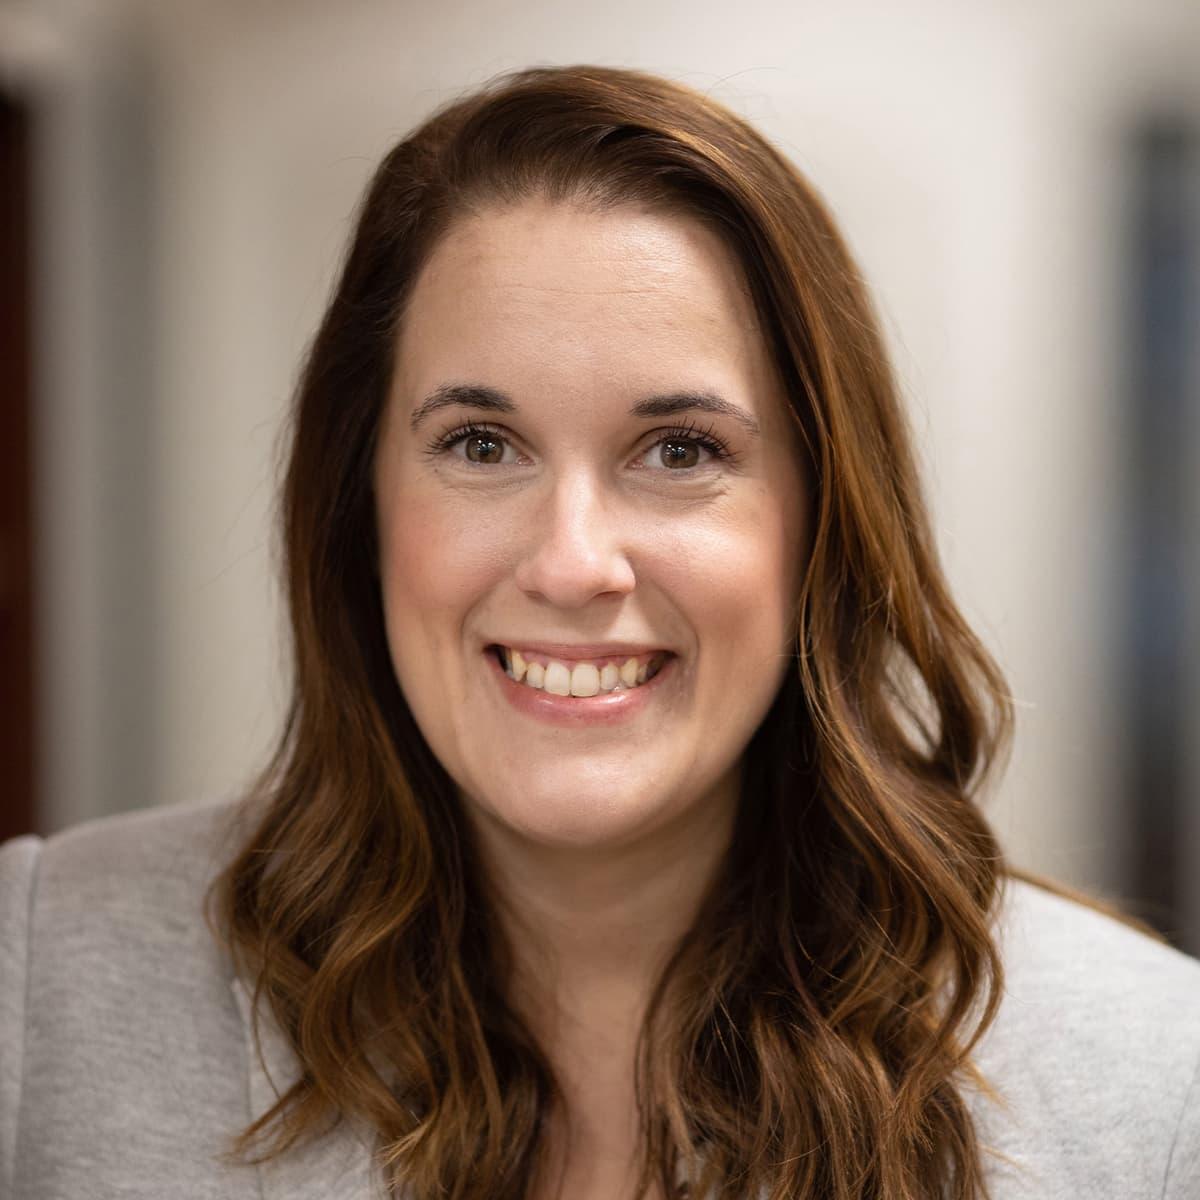 Lindsay Keville